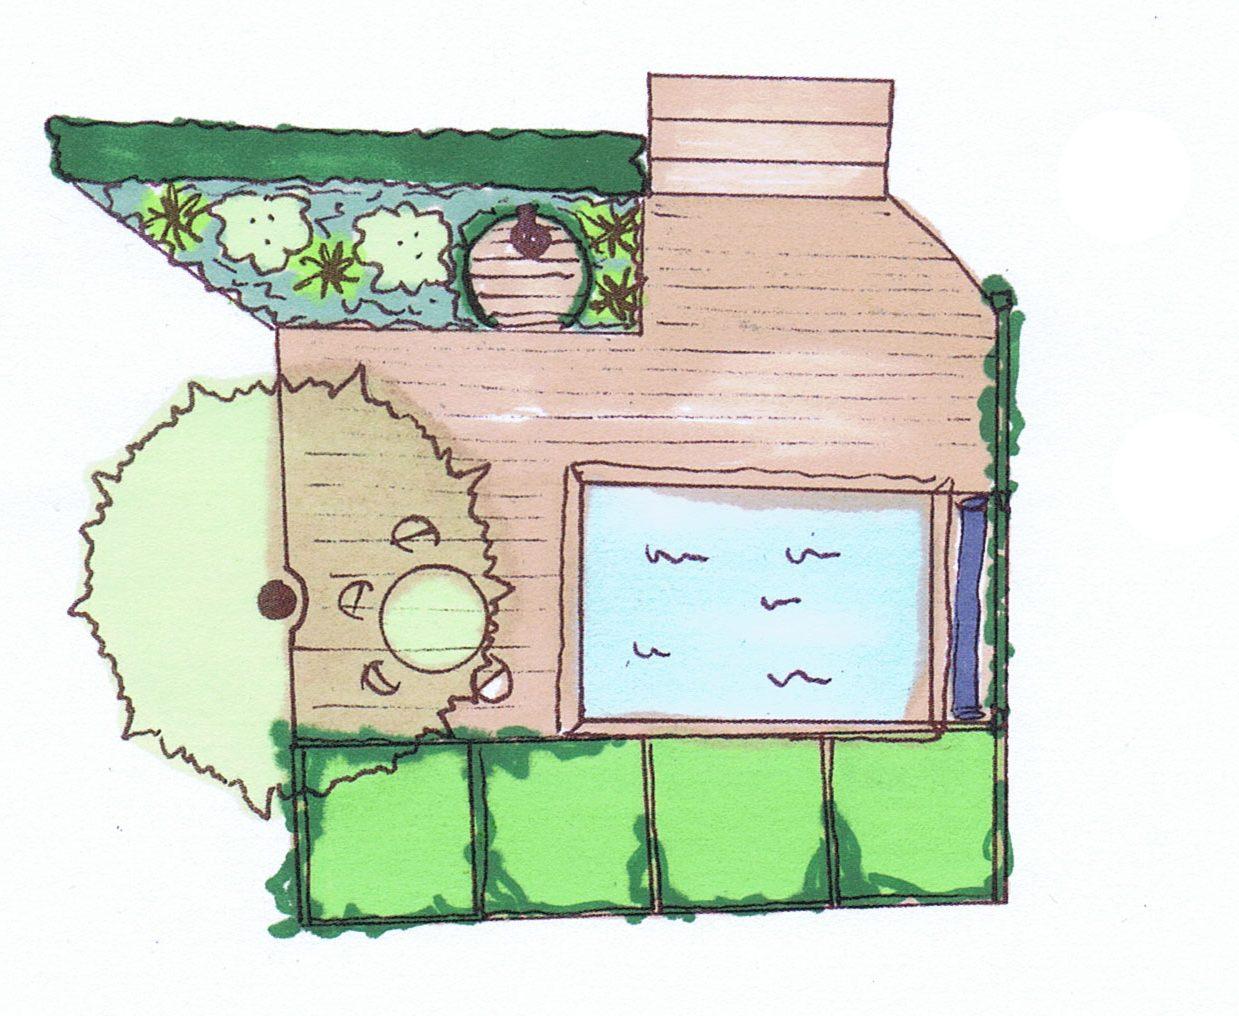 Trädgårdsdesign, poolträdgård, utedusch, Trädgårdsarkitektur